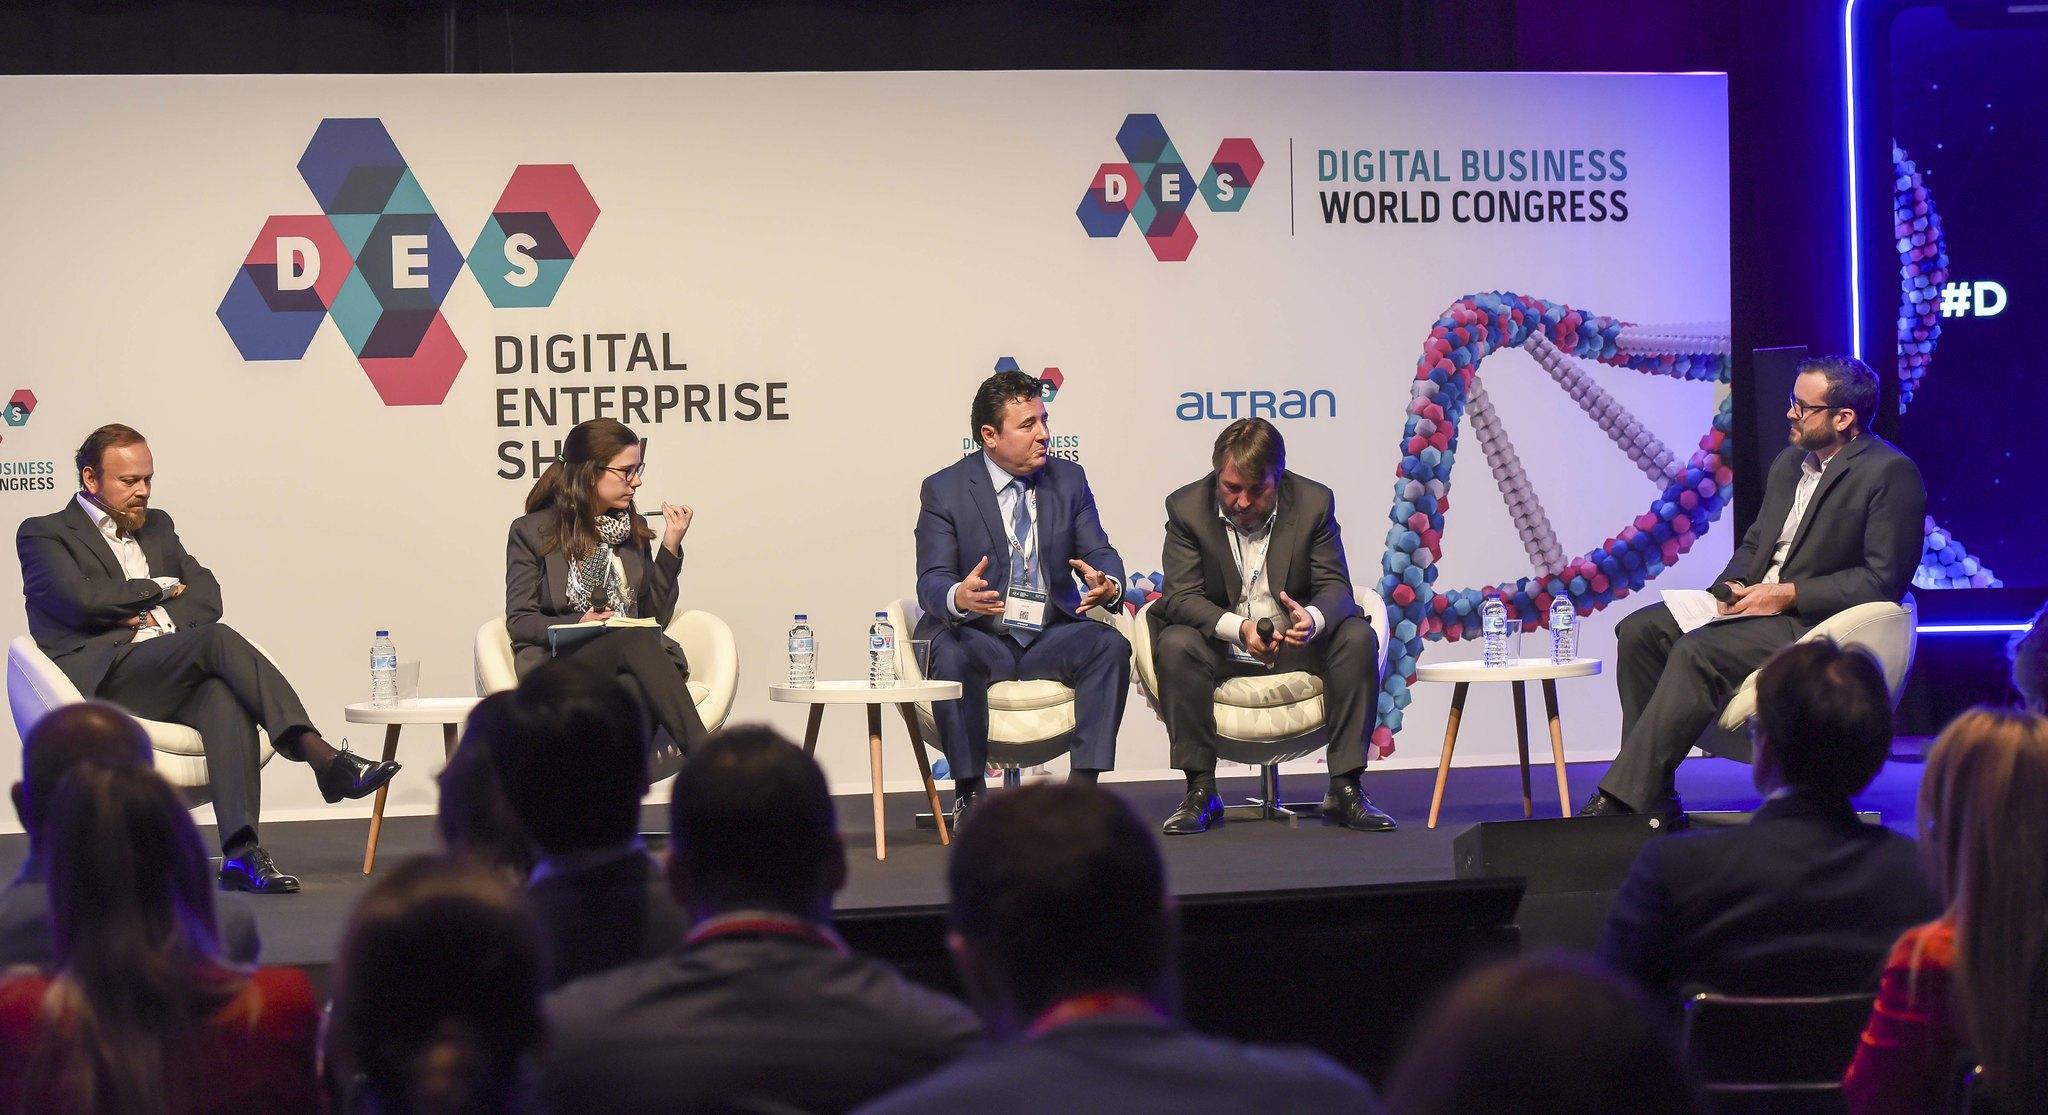 El 75% de las empresas se habrá transformado digitalmente de la mano del CIO en los próximos 7 años